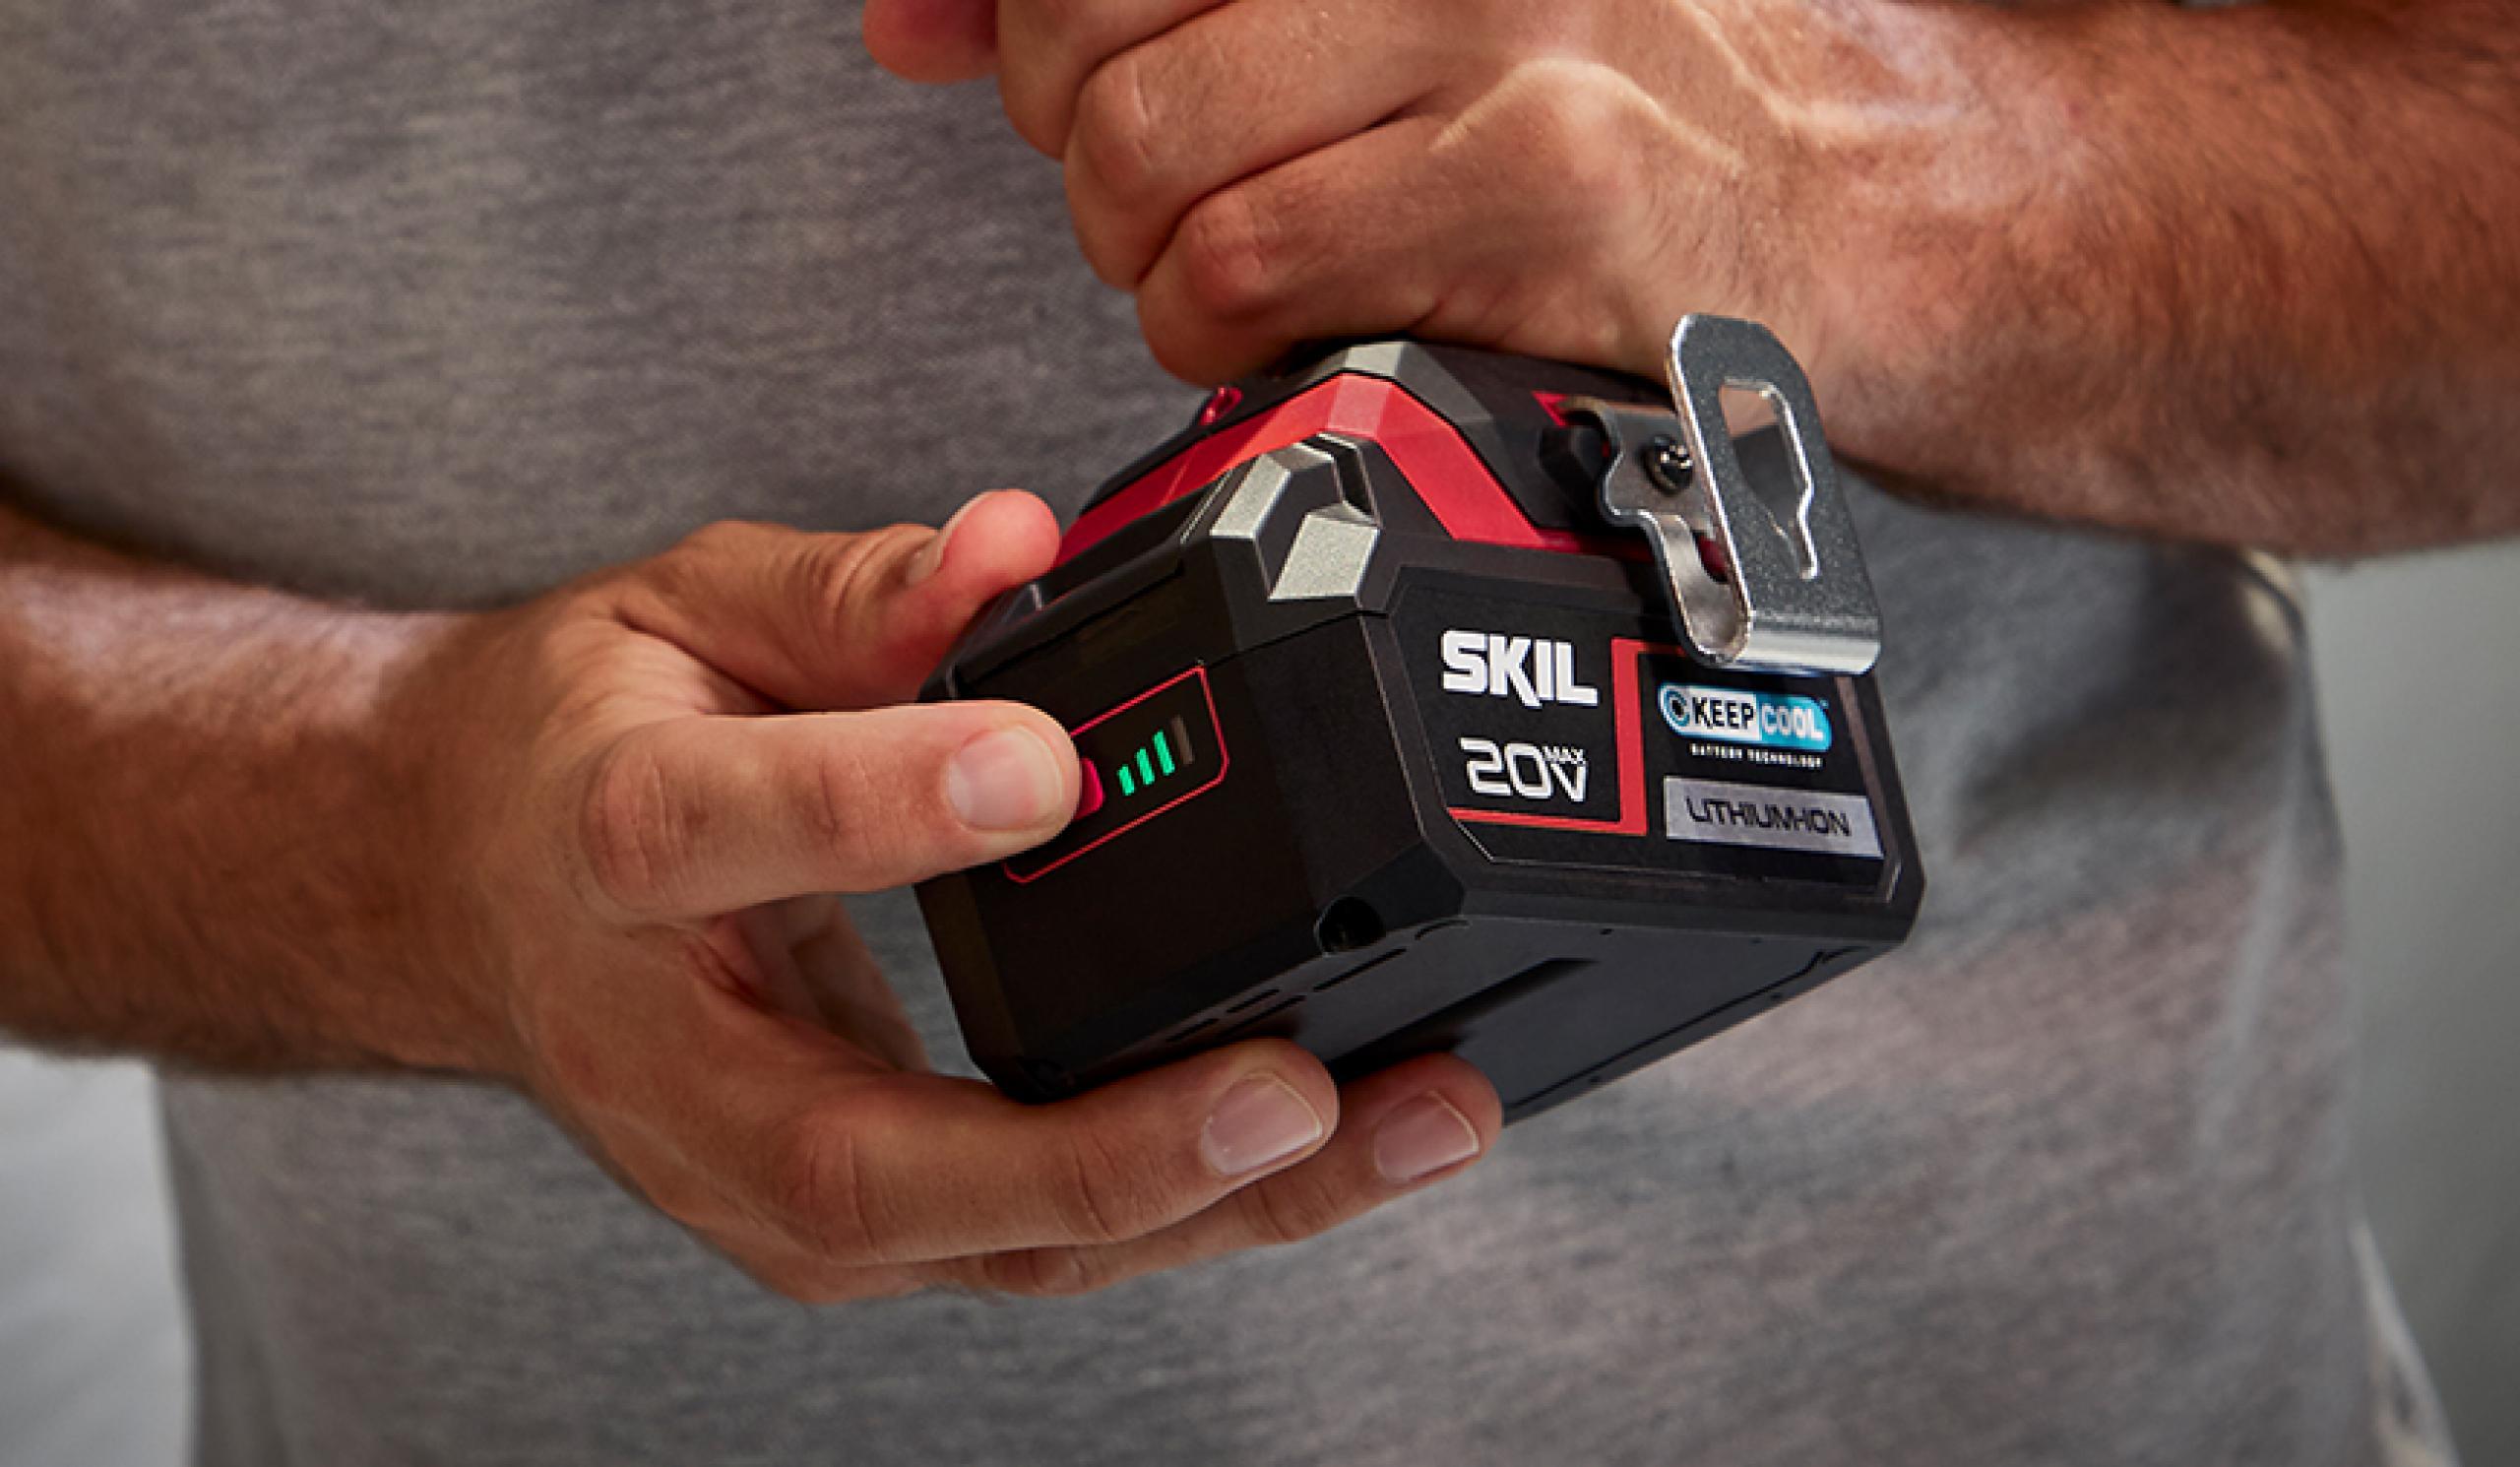 Indicador de nível de bateria patenteado; o indicador de confiança